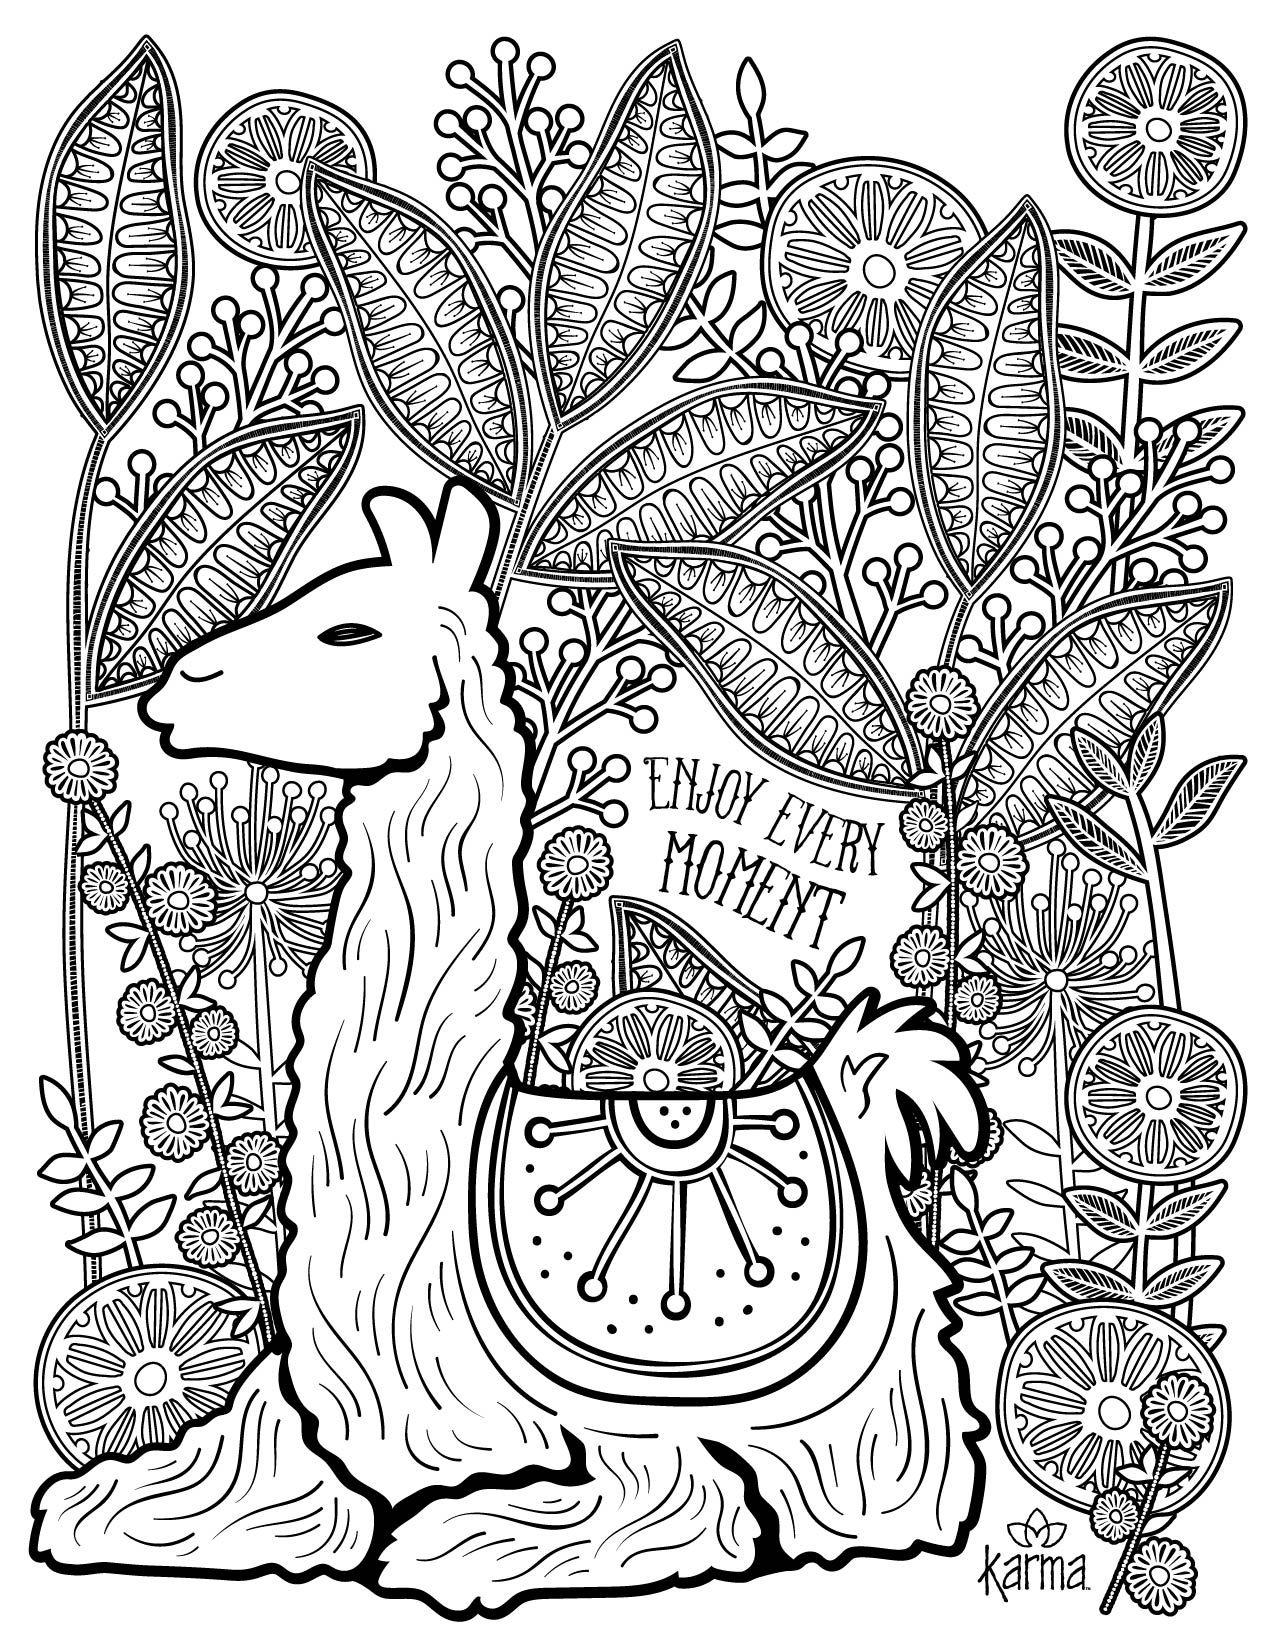 Llama Free And Printable Coloring Page By Karma Ts